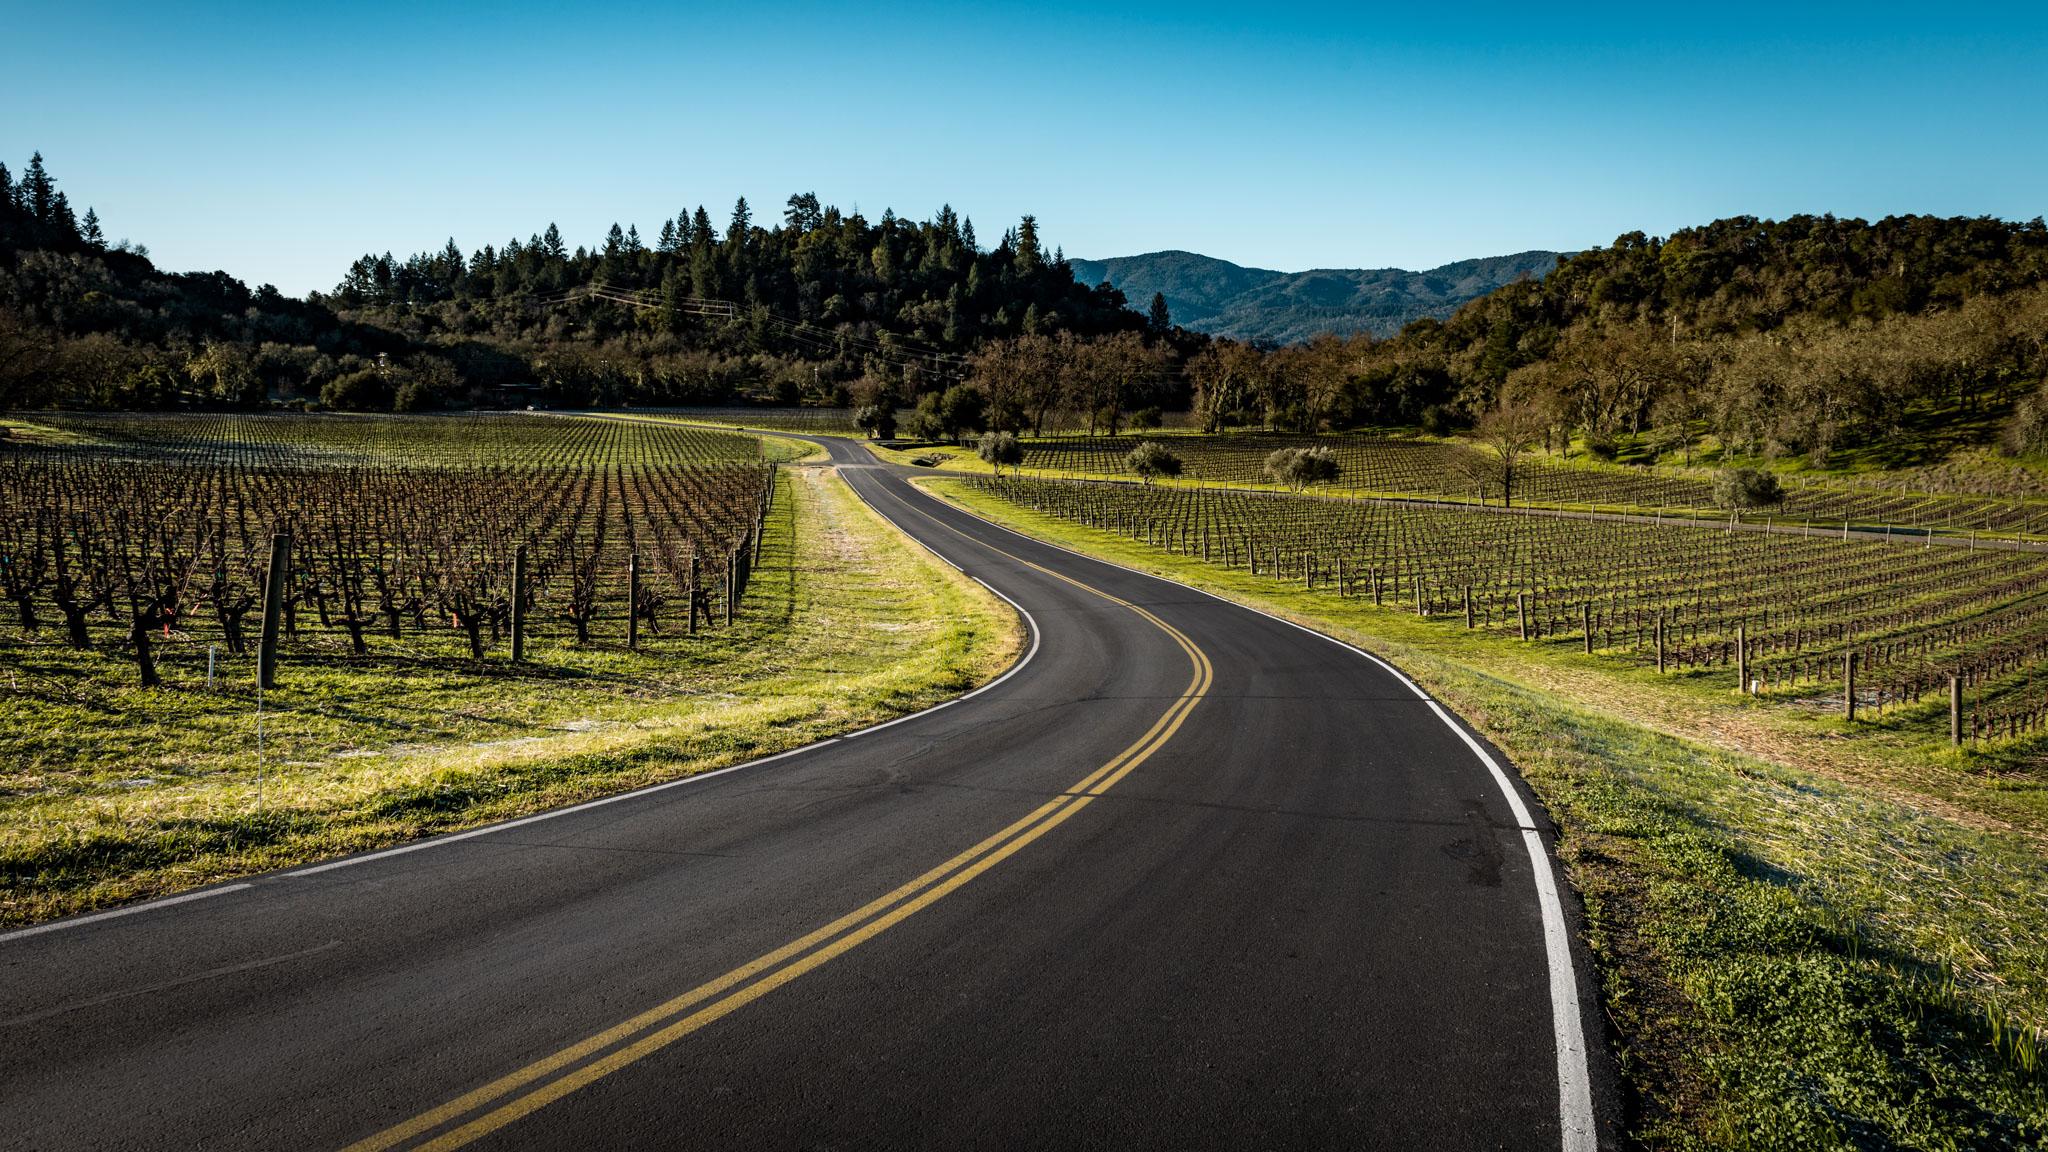 California : Napa Valley : Taplin Rd